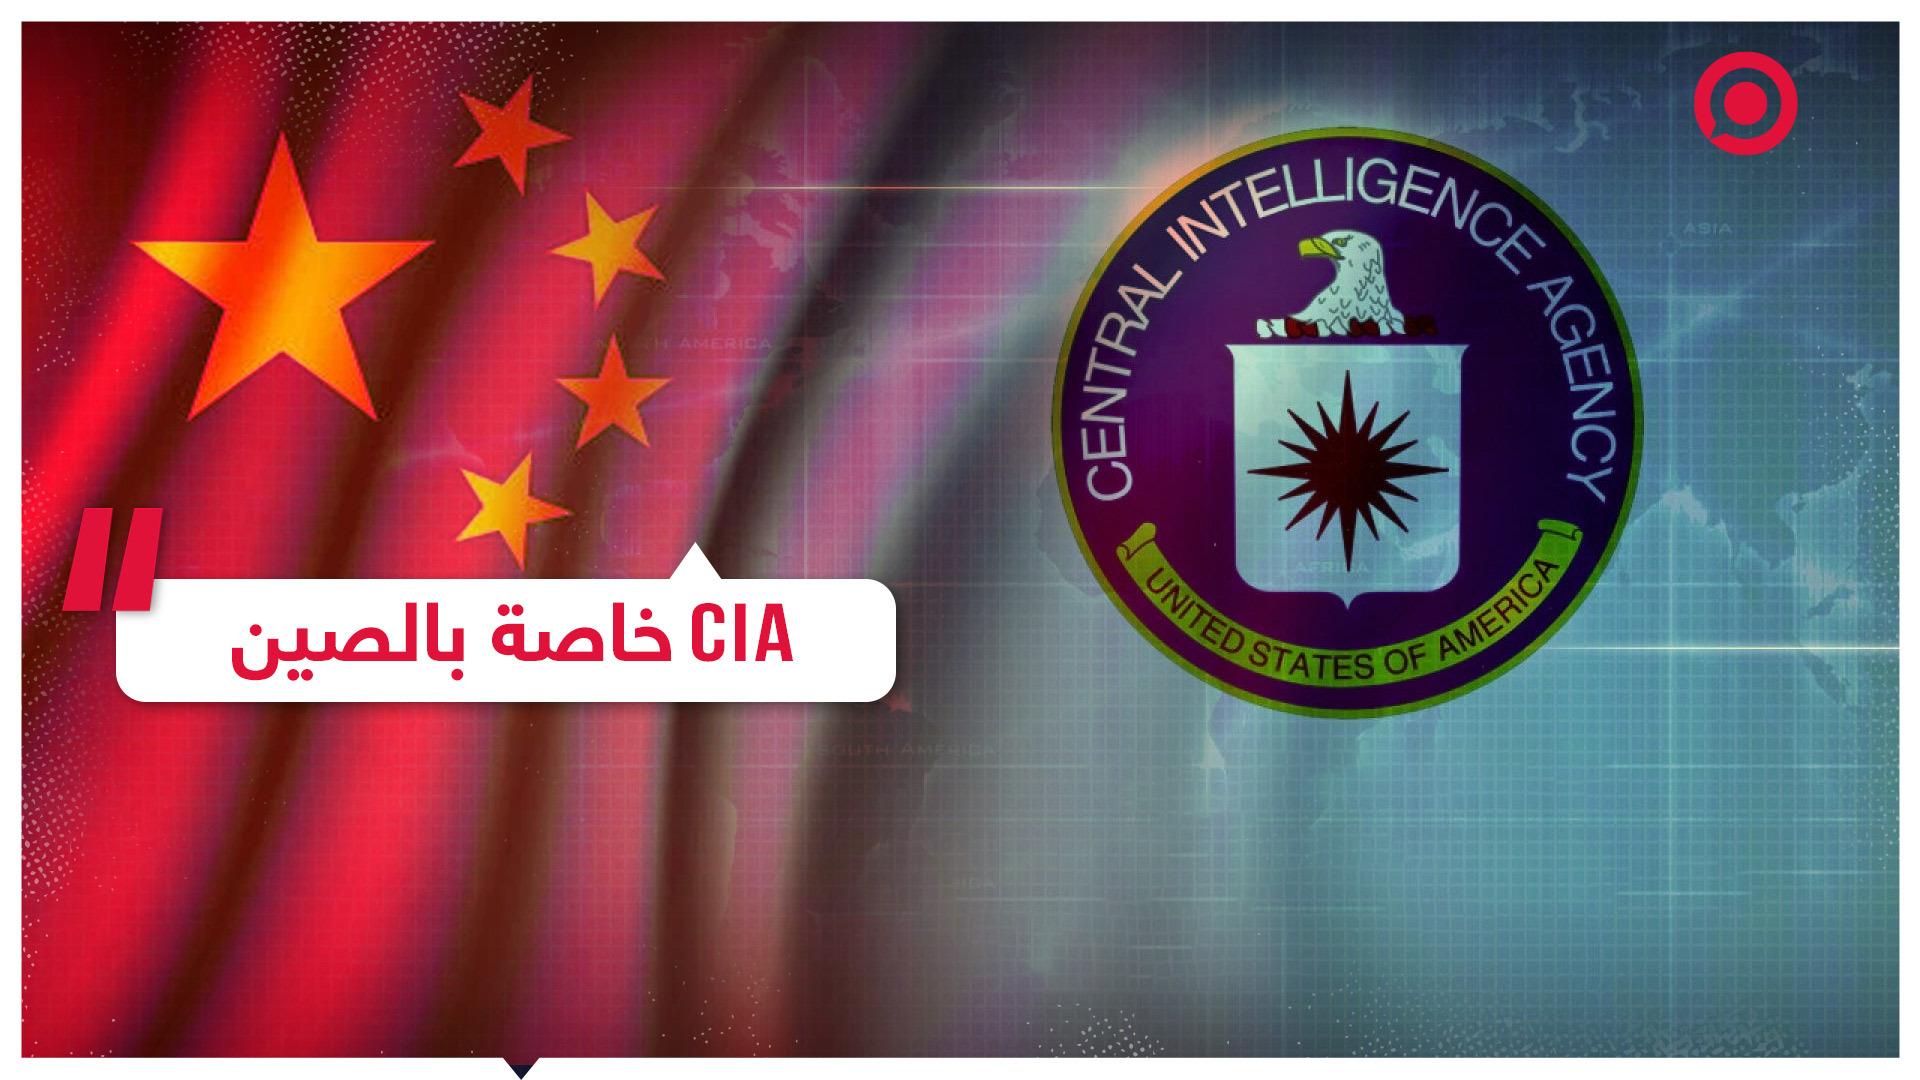 المخابرات الأمريكية تنشئ مركزا خاصا للتعامل مع الصين